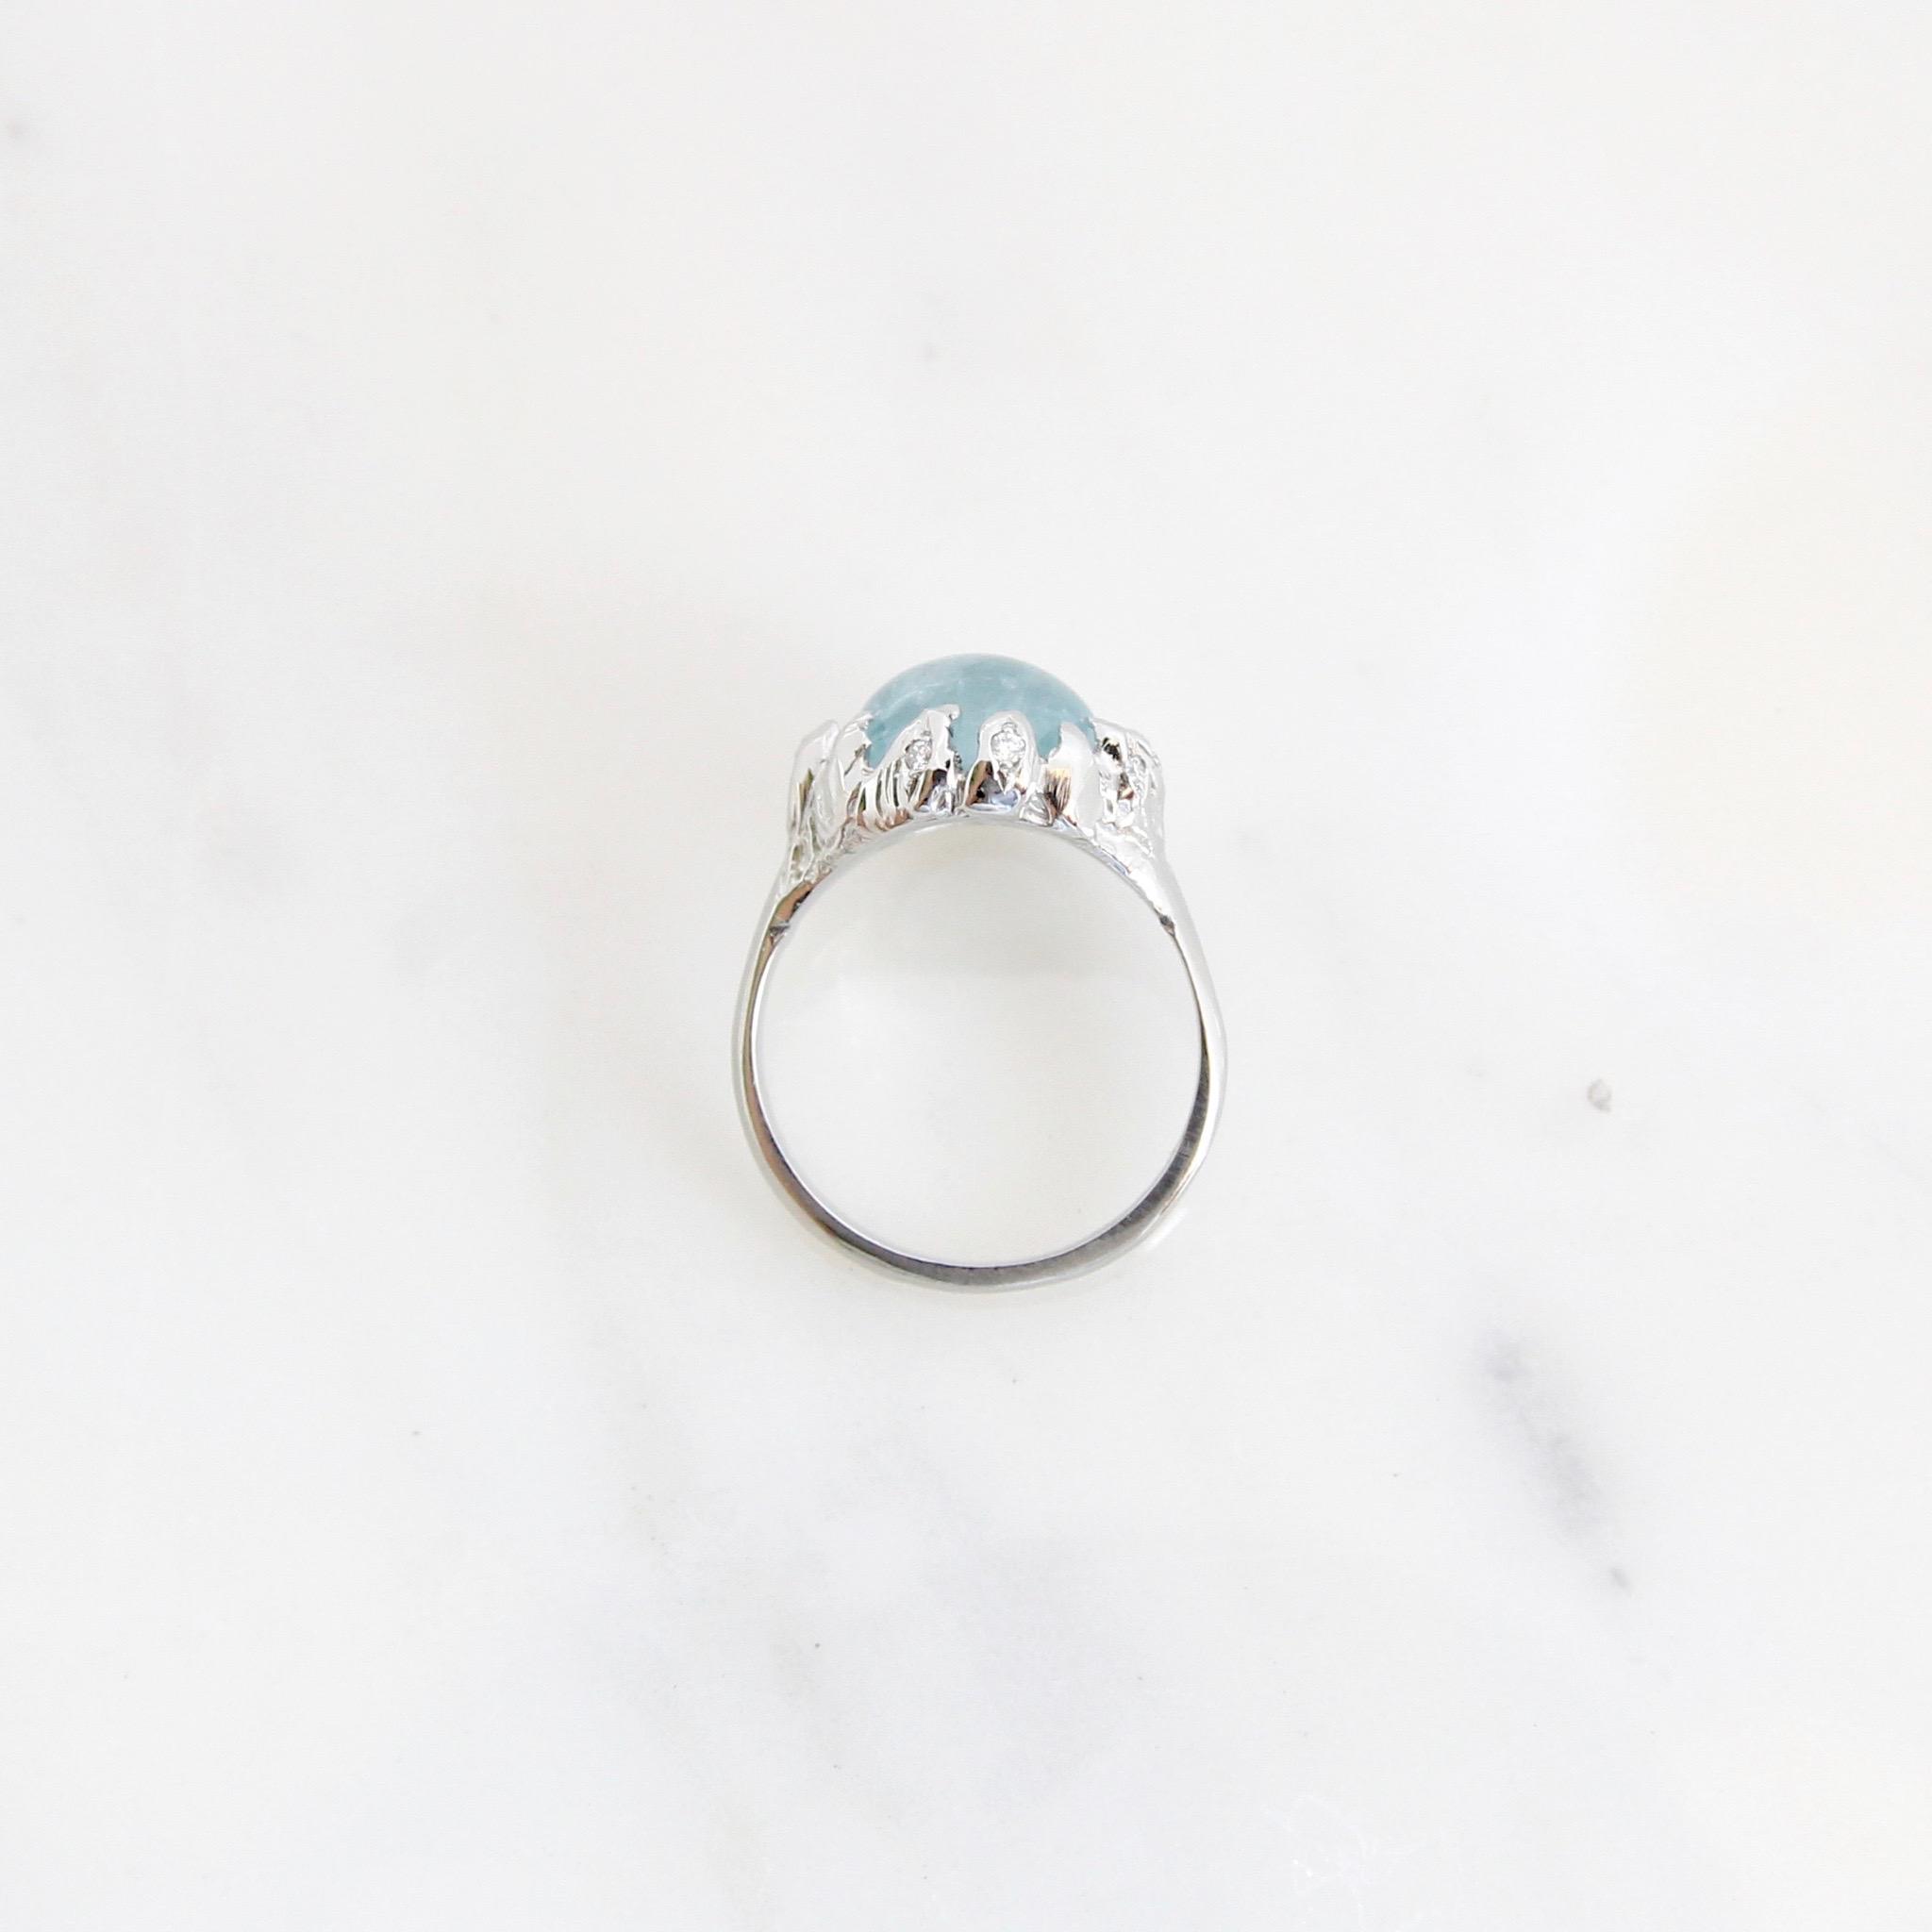 14k white gold, aquamarine, and white diamond sunflower ring